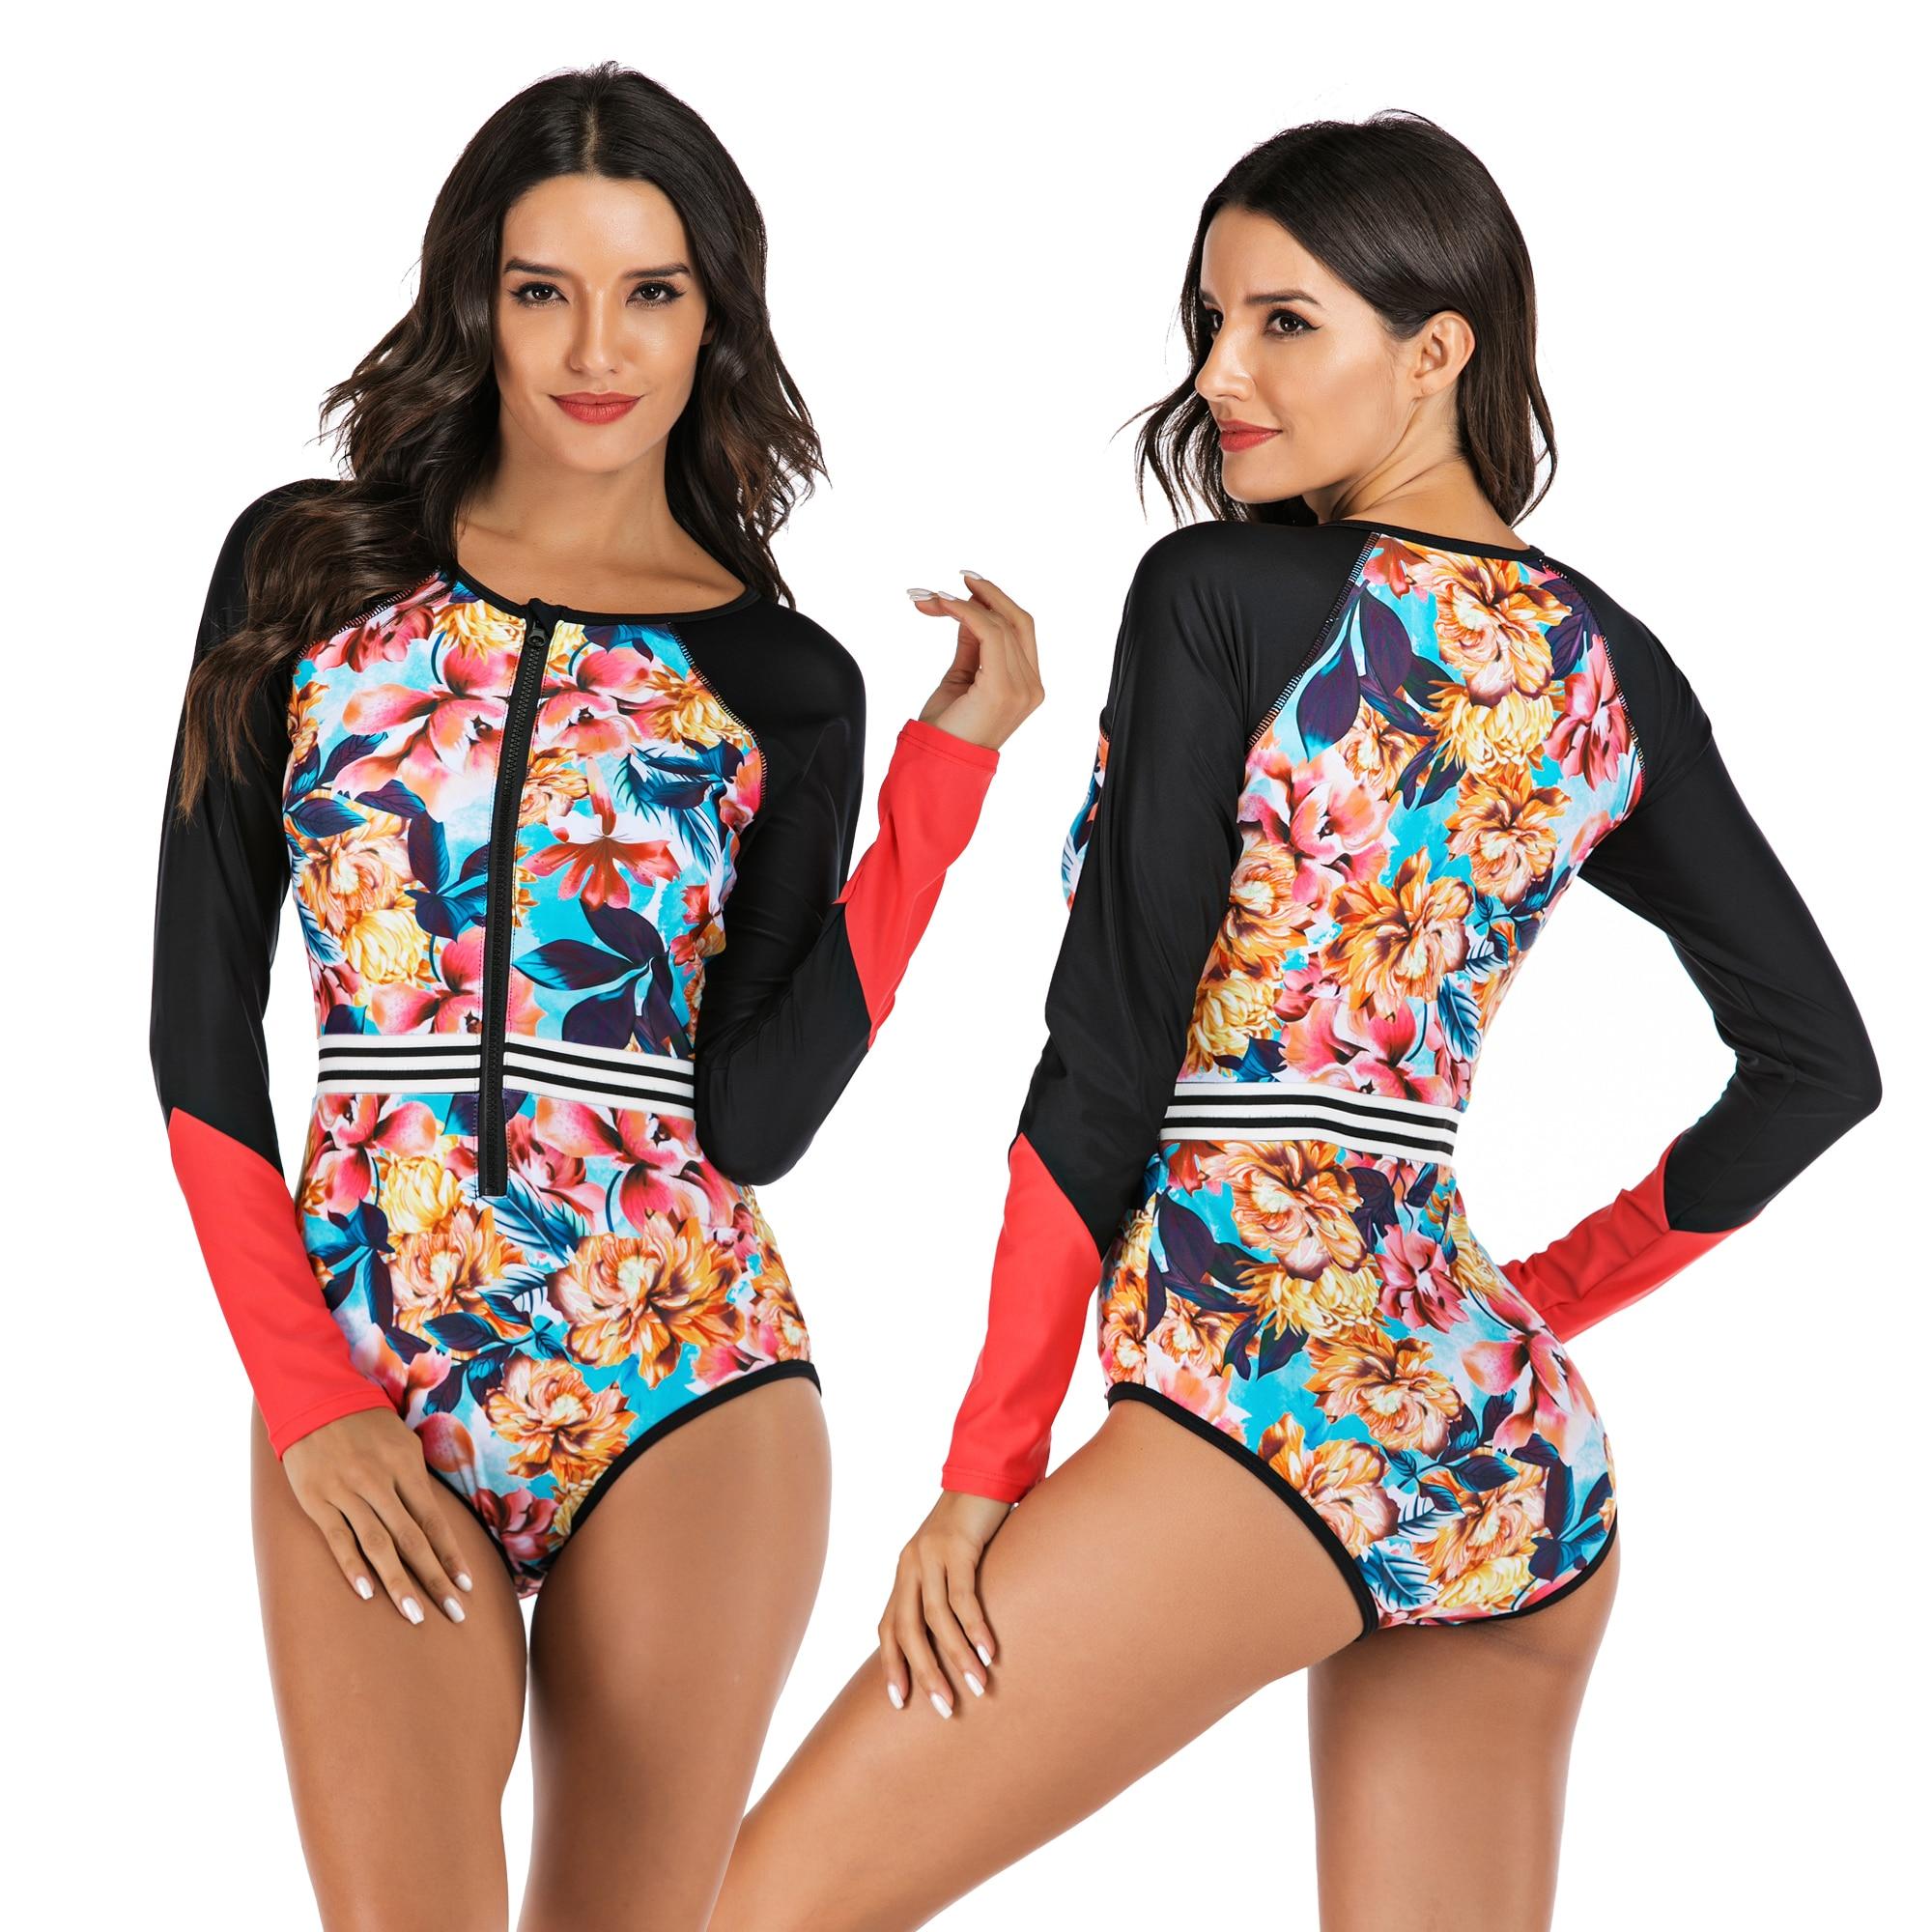 Новинка 2020, Рашгард, Цельный купальник для дайвинга, с принтом, с длинным рукавом, женский купальник, купальный костюм, Рашгард, серфинг, купальный костюм|Комбинезоны|   | АлиЭкспресс